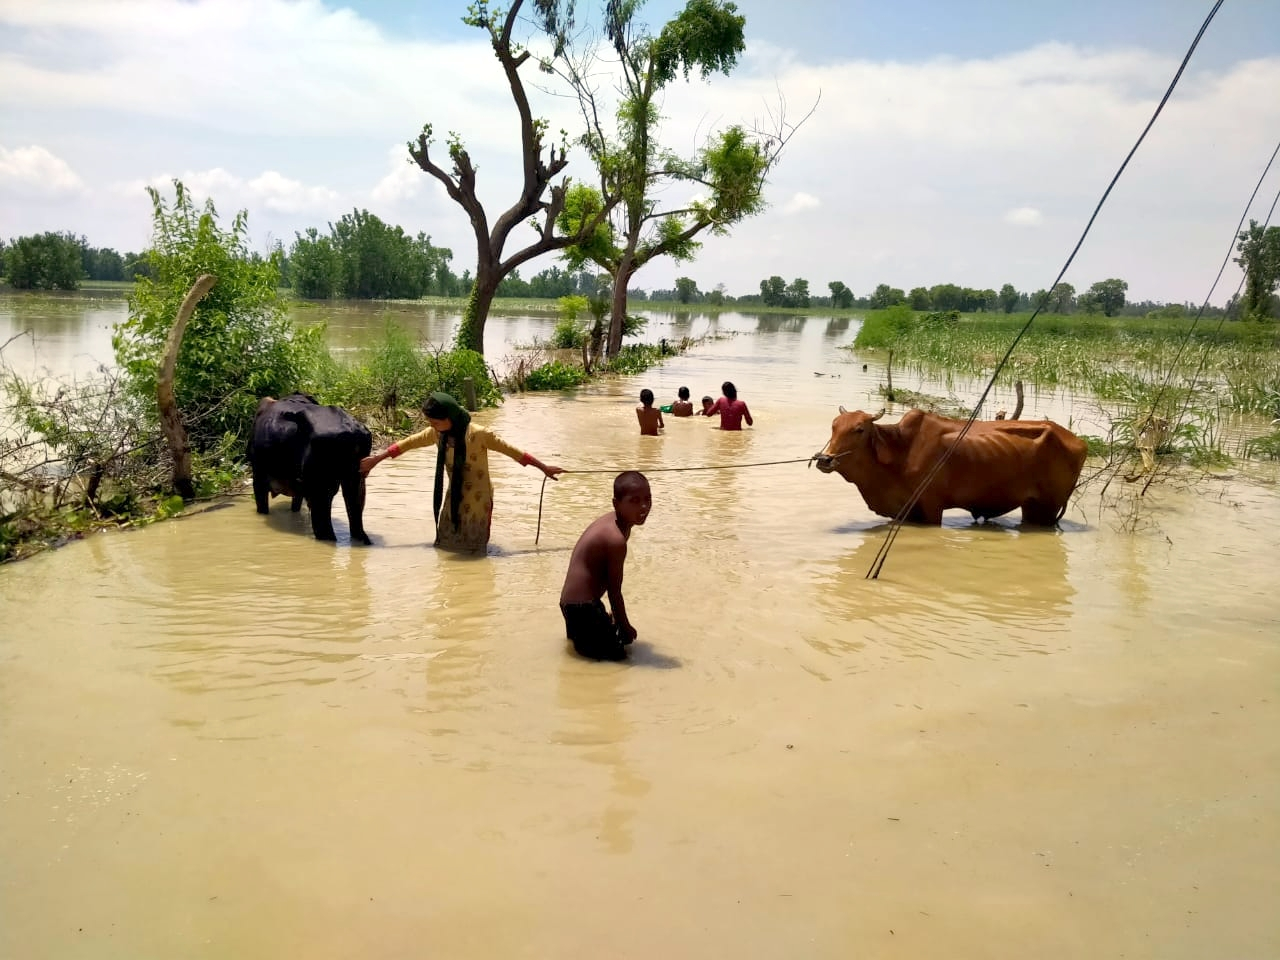 छाछरी मोड़ क्षेत्र के गांव सलेम में गंगा के पानी से जलमग्न हुई फसल